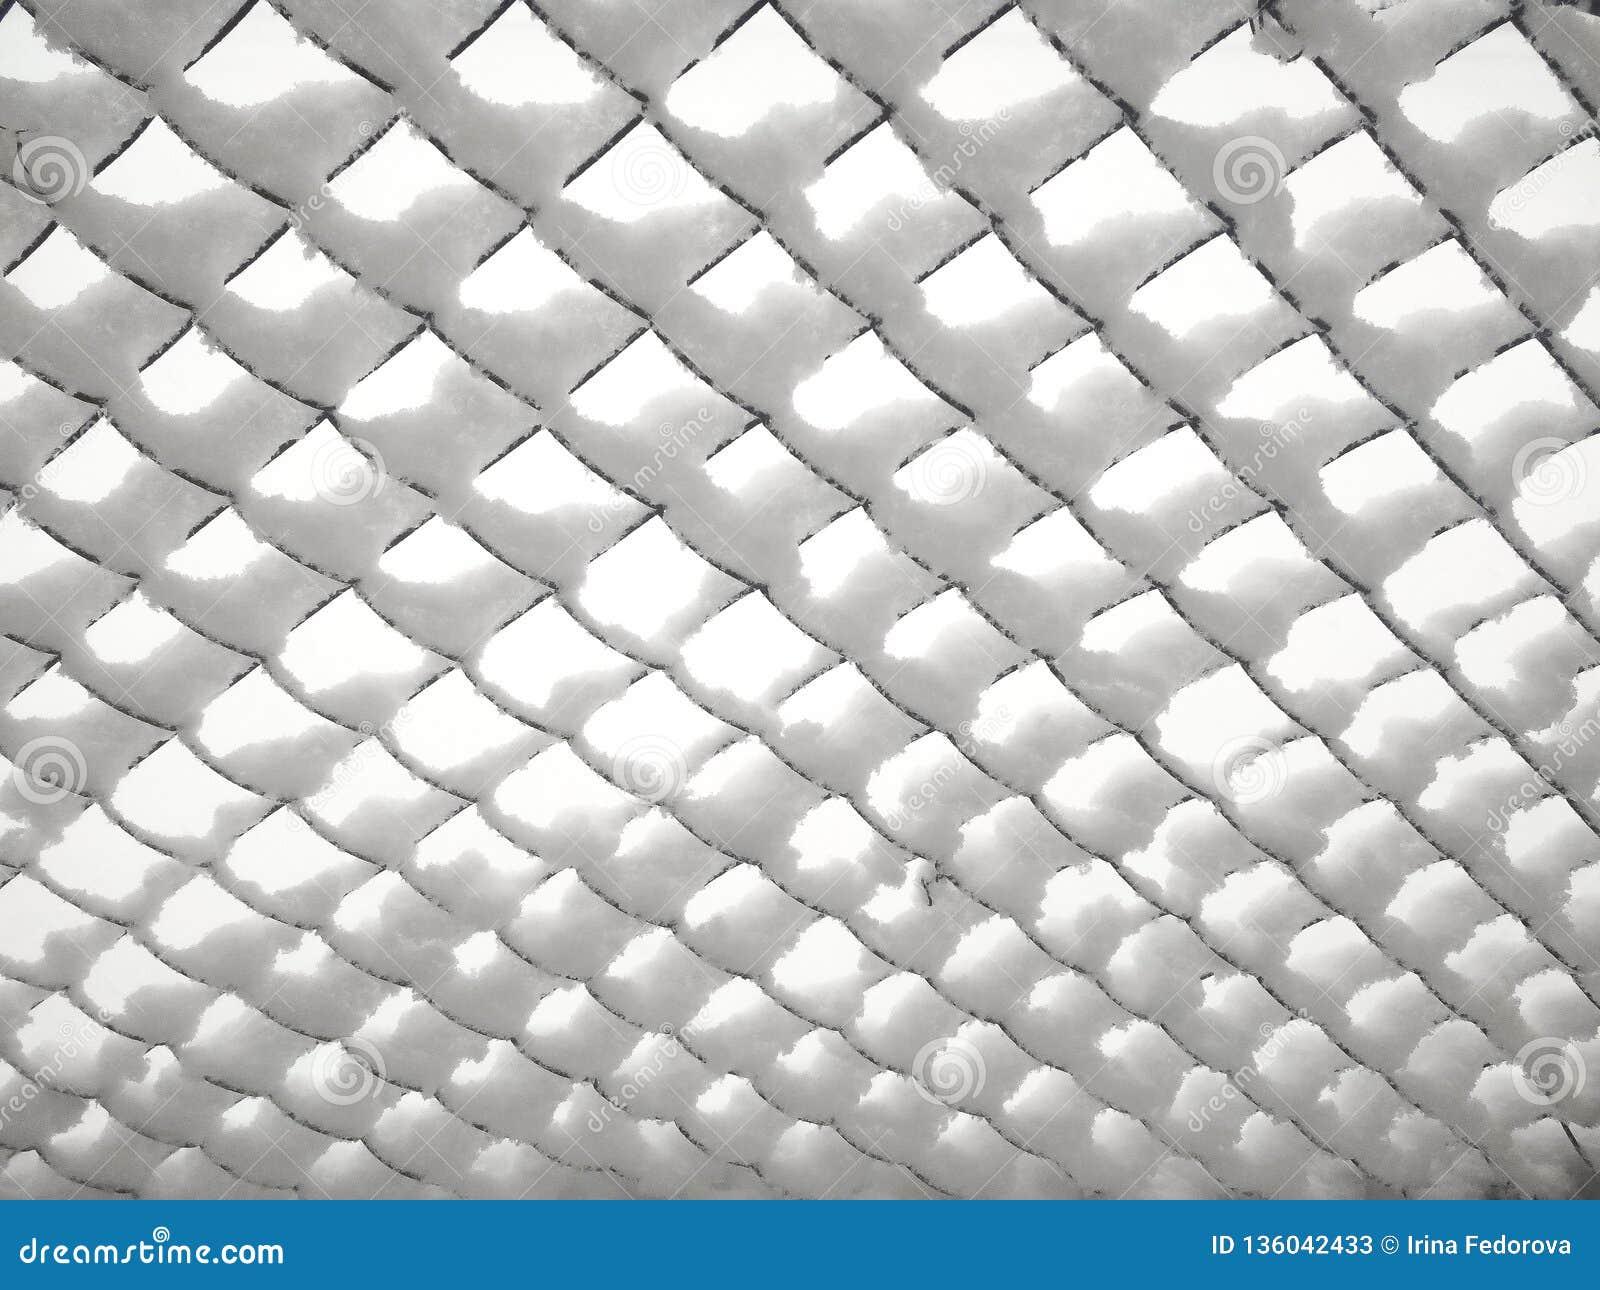 Rabitz Vecchia maglia metallica coperta di neve